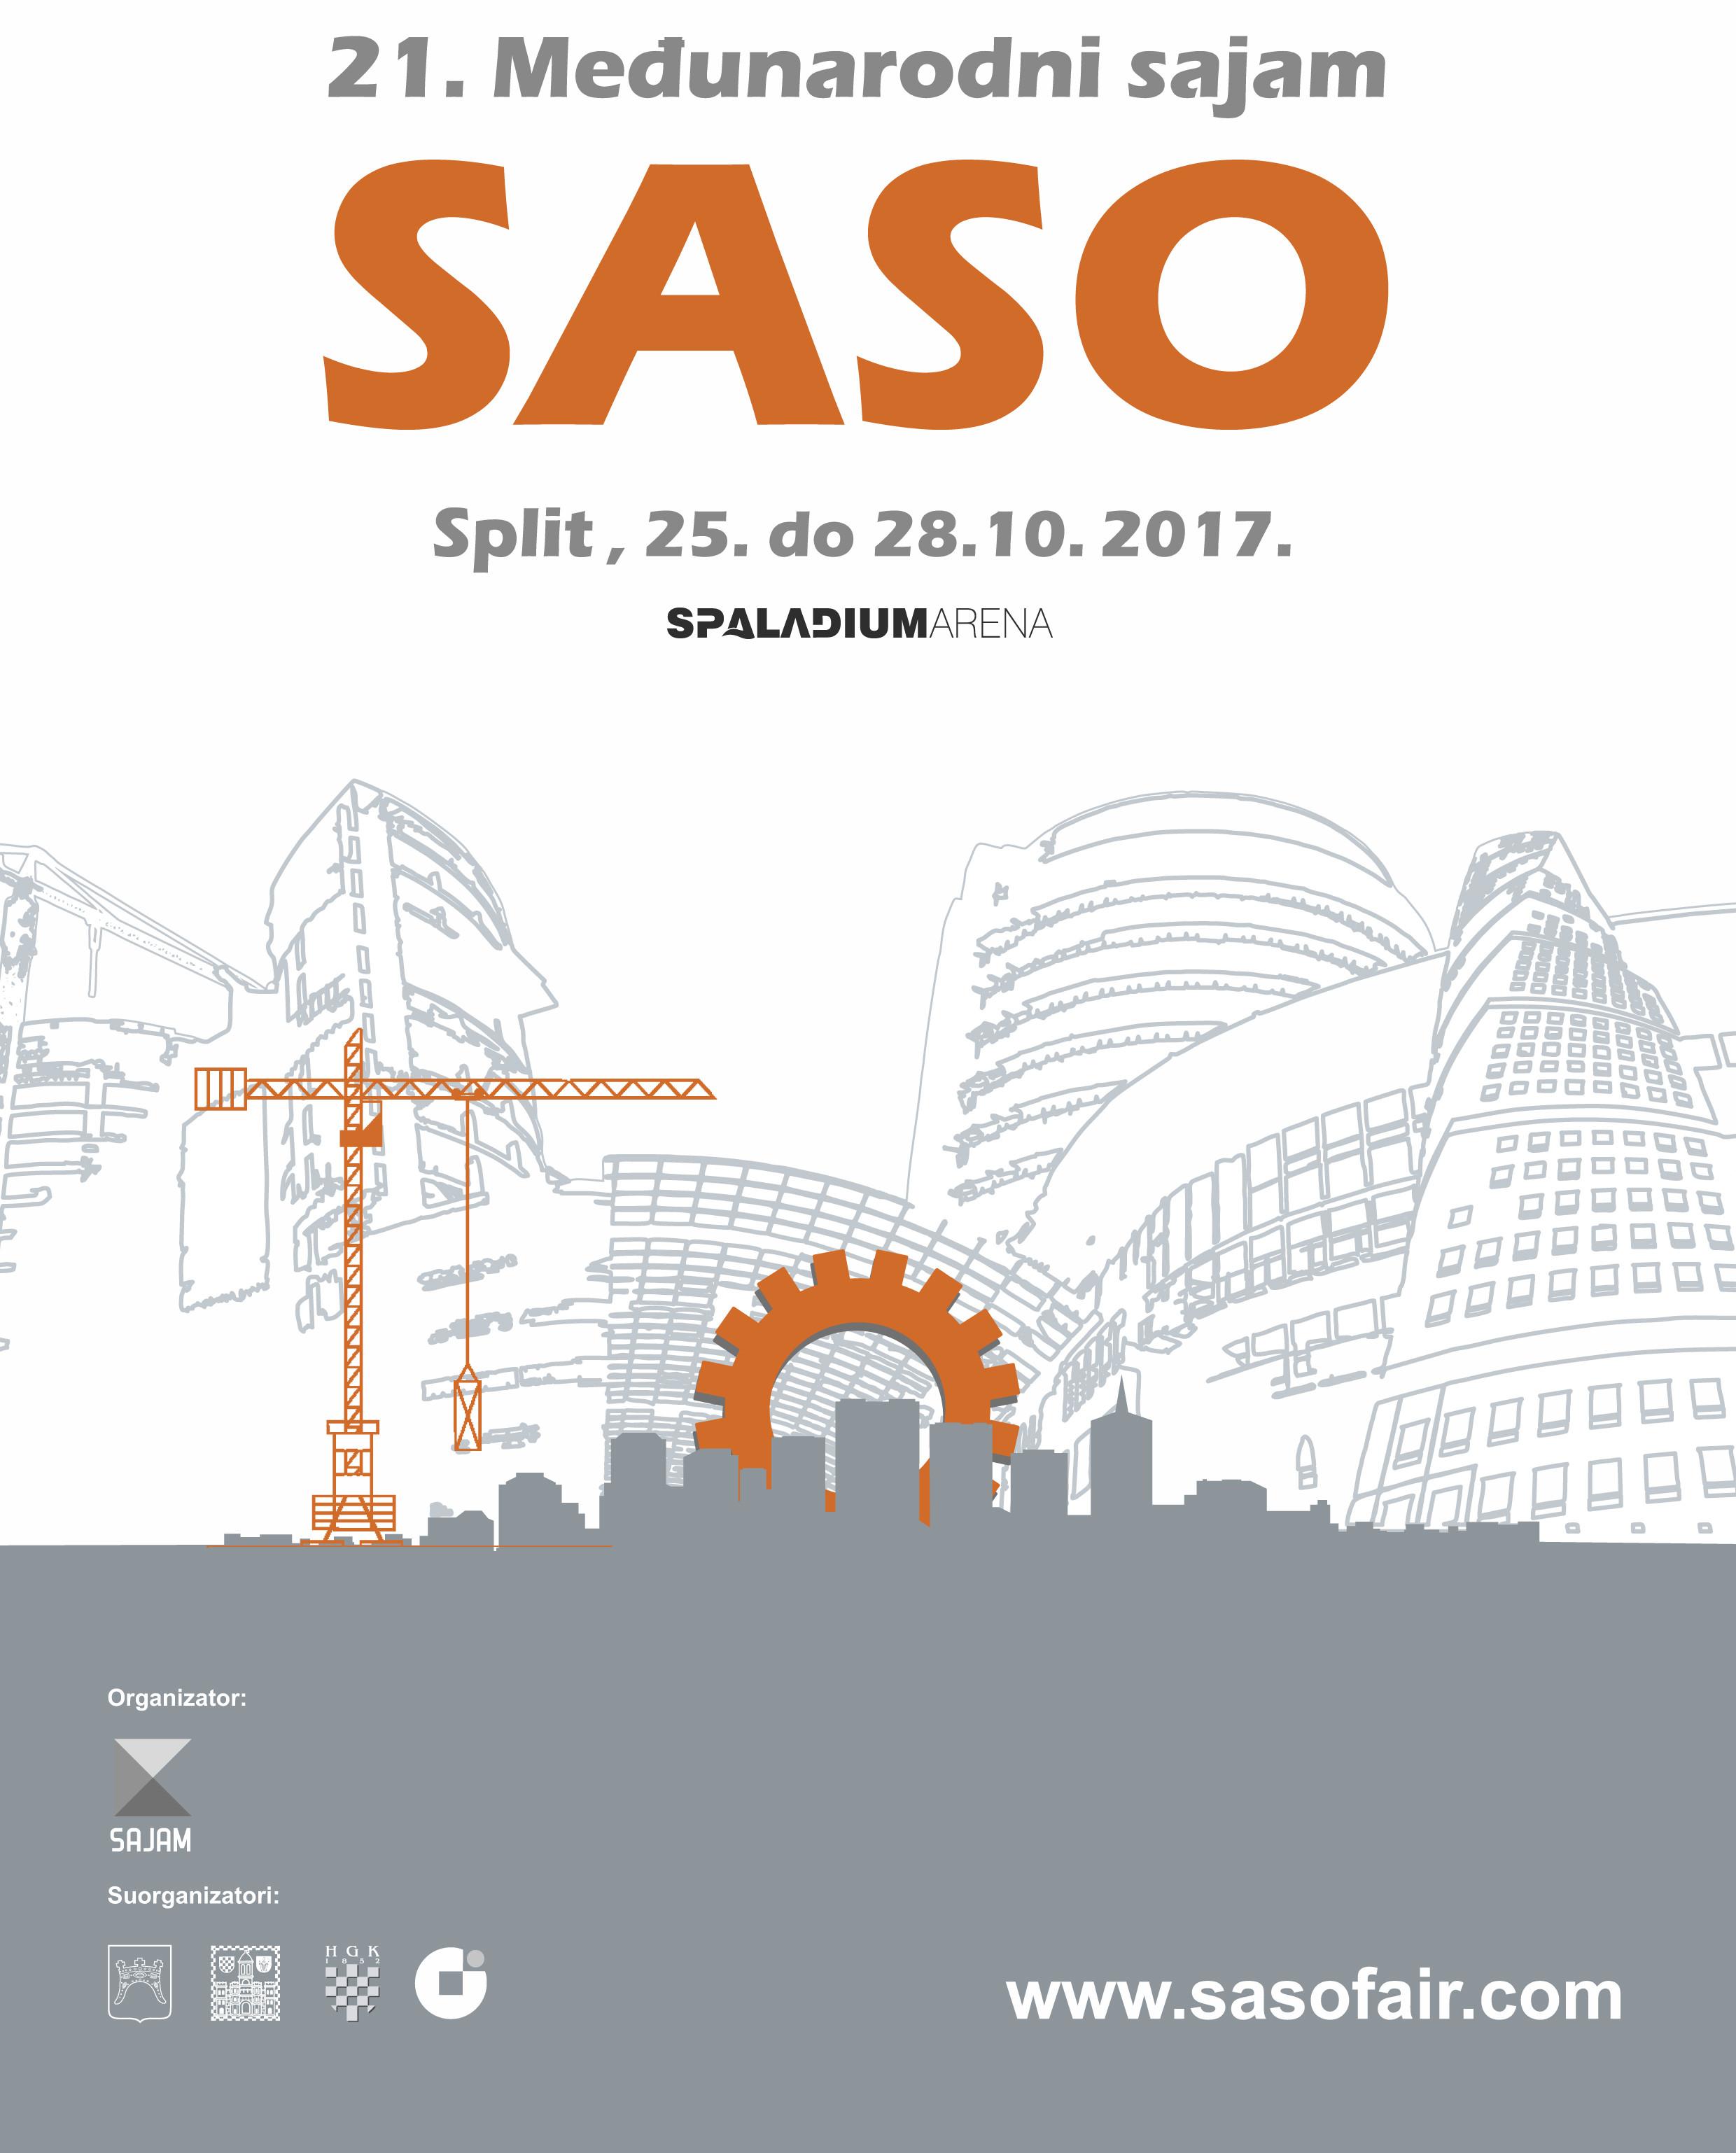 Sasp 2017